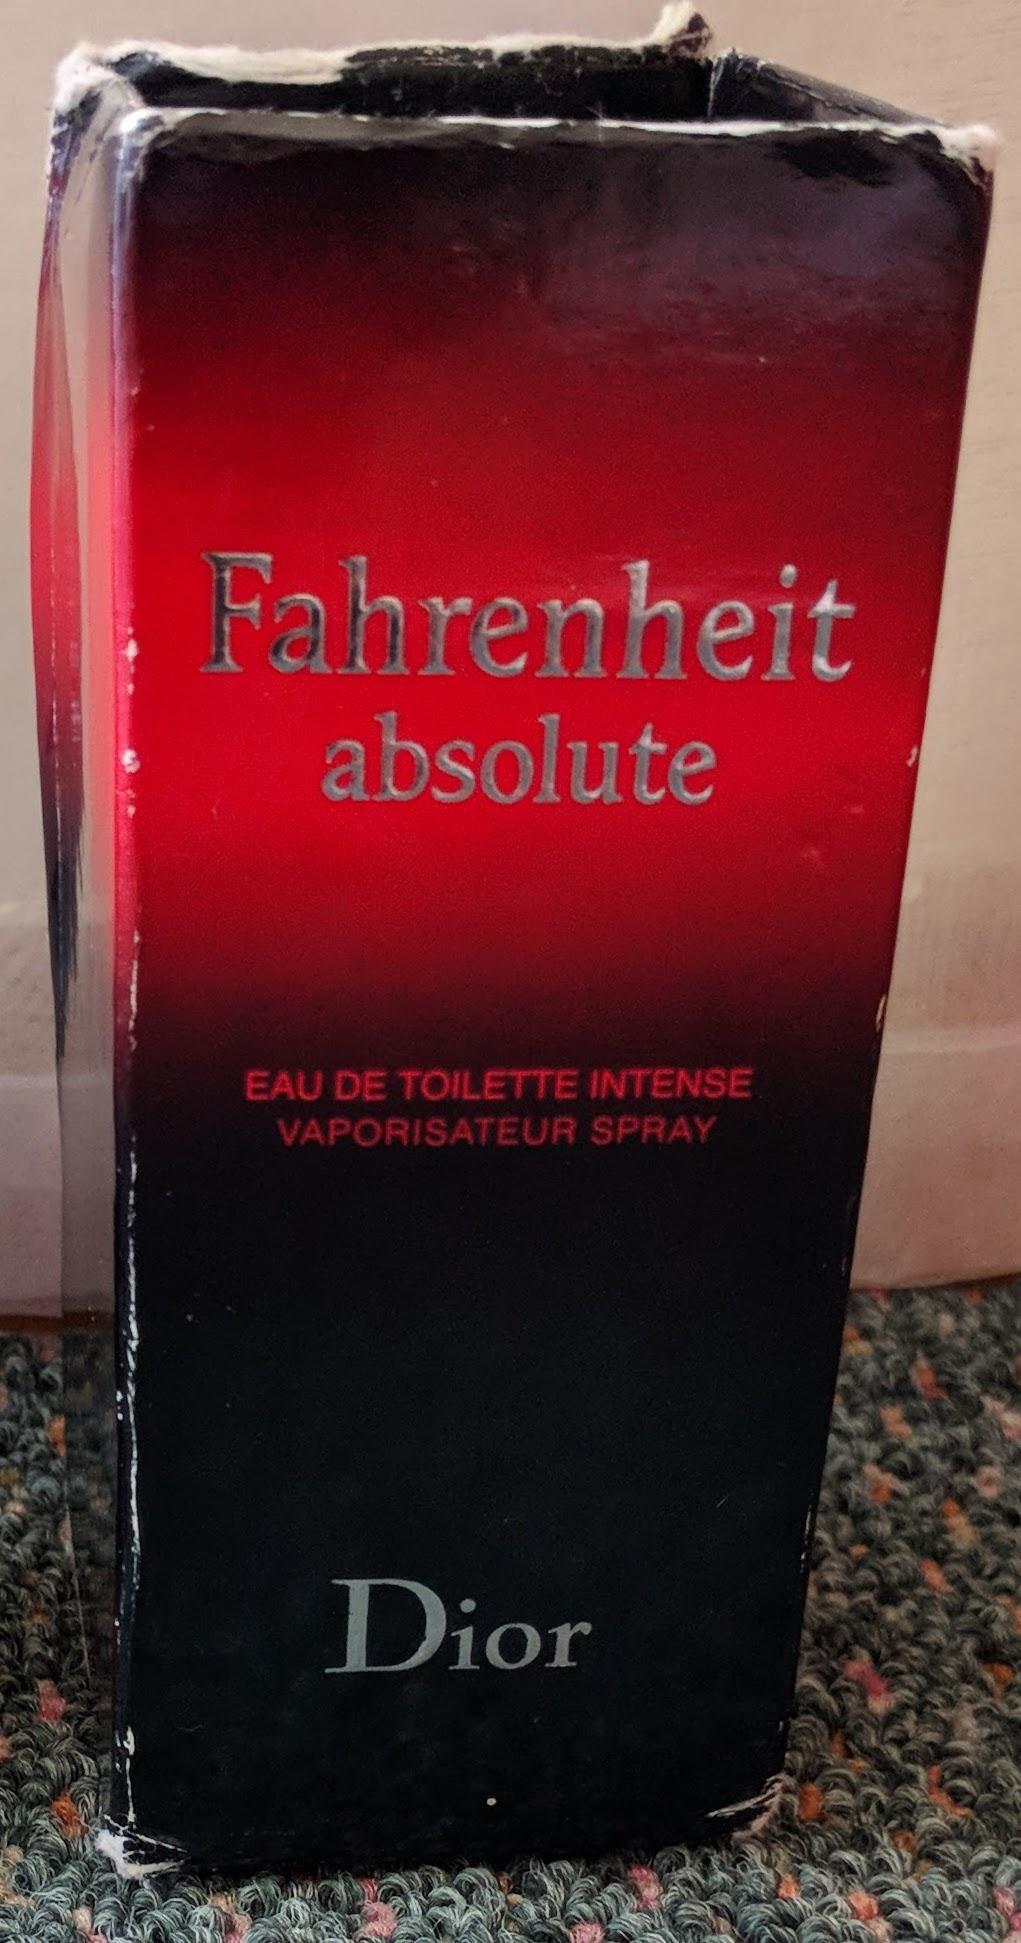 Fahrenheit Absolute (Christian Dior) for man.